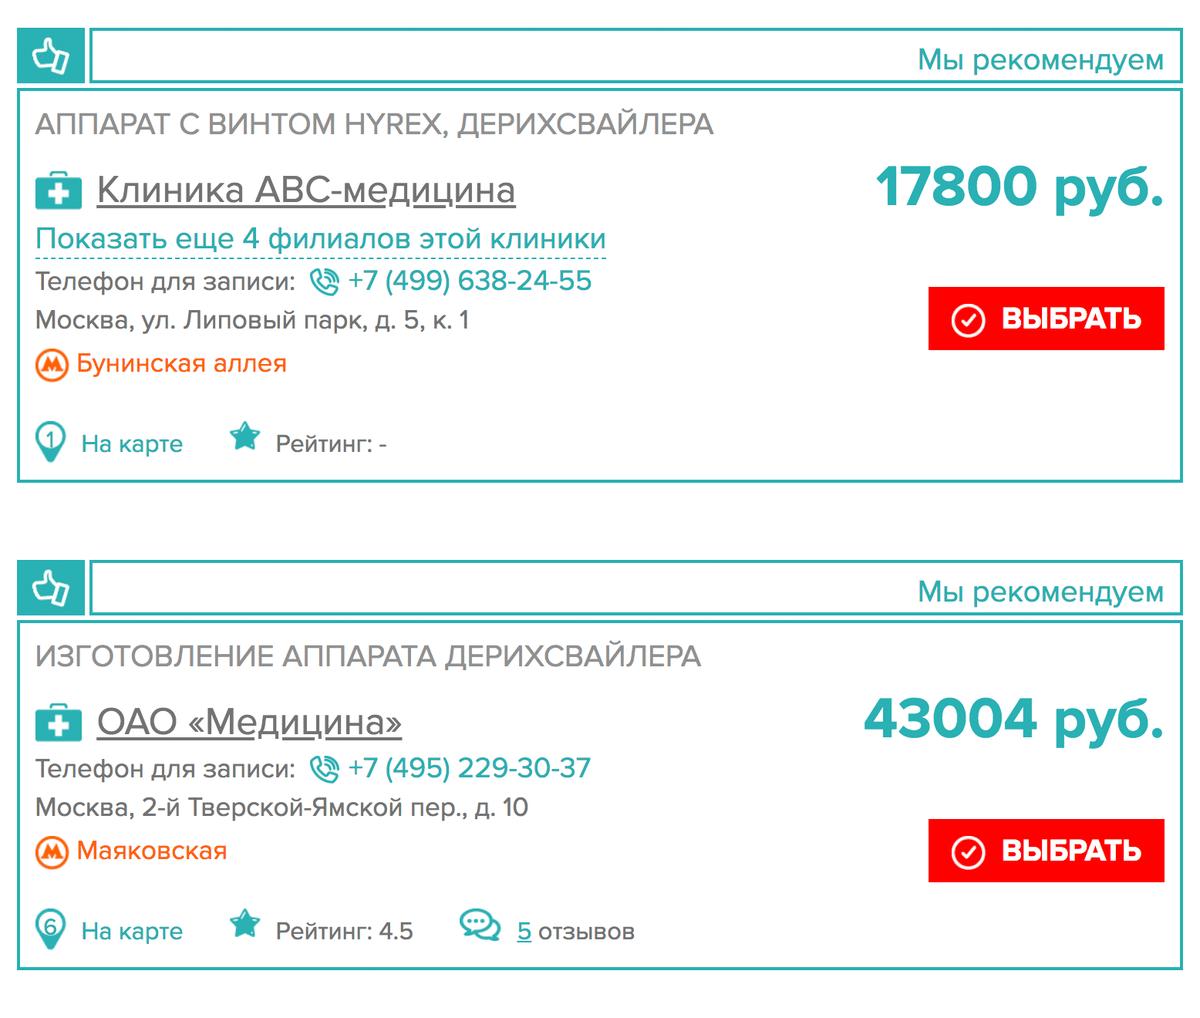 Изготовление несъемного аппарата в московской клинике стоит 20—40 тысяч рублей